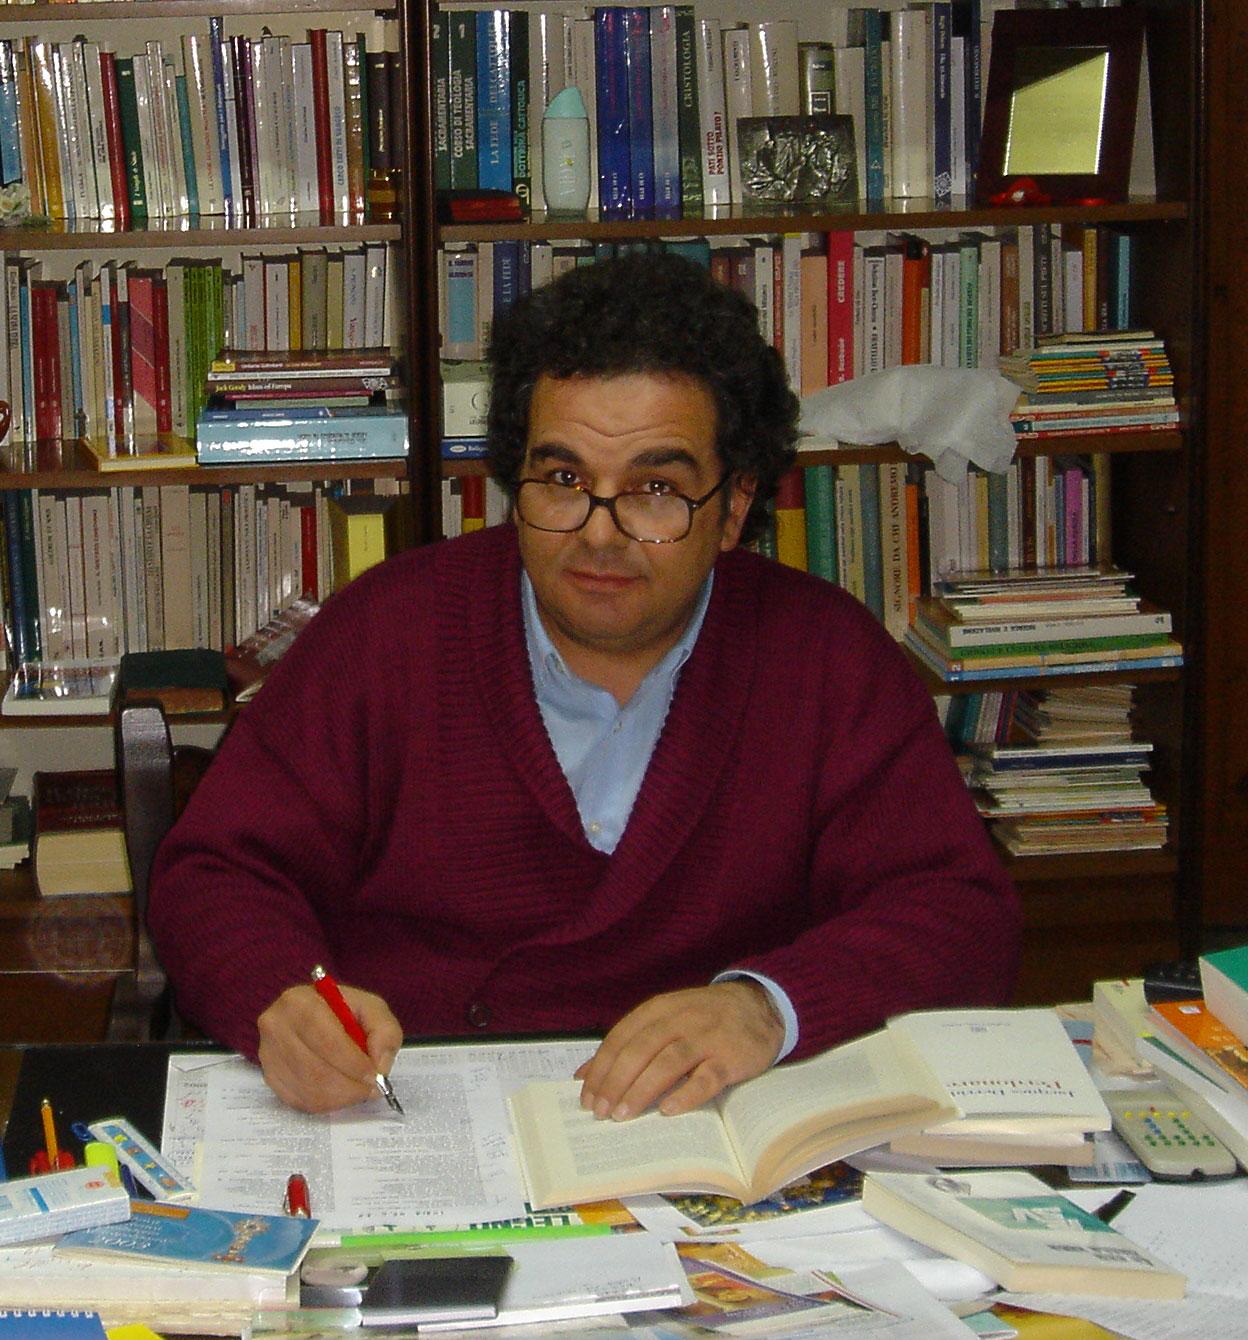 Pietro De Luca